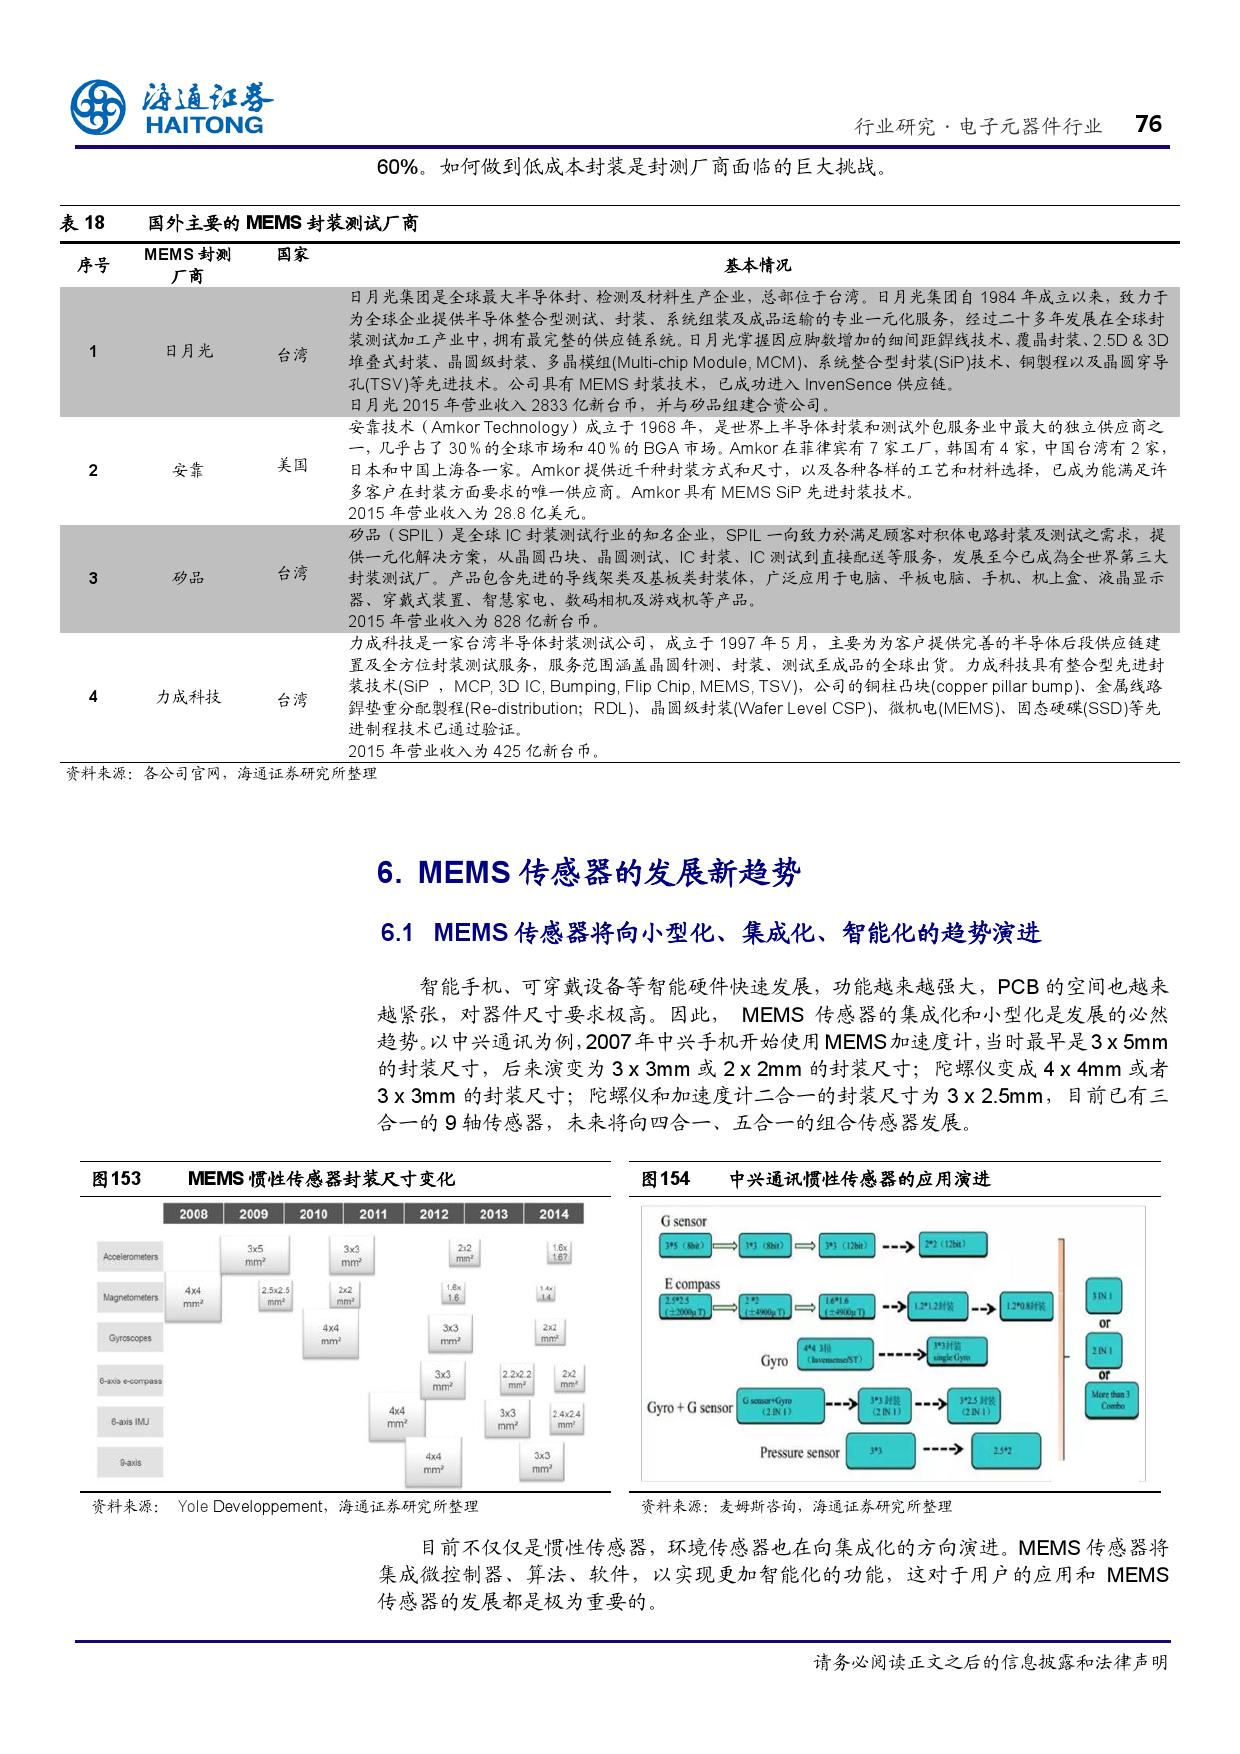 报告全解传感器全球产业链_000076